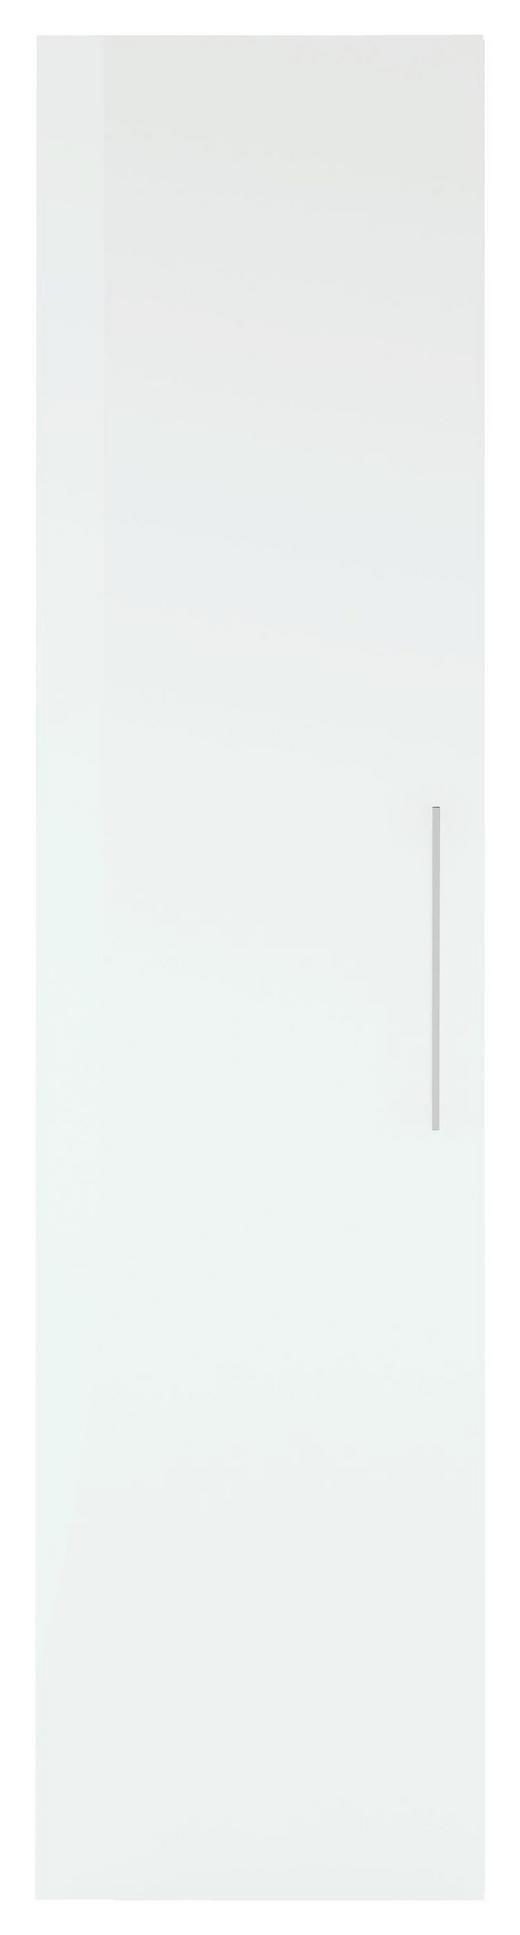 DREHTÜRENSCHRANK 1-türig Weiß - Chromfarben/Weiß, Design, Holzwerkstoff/Metall (50/208/57cm) - Carryhome